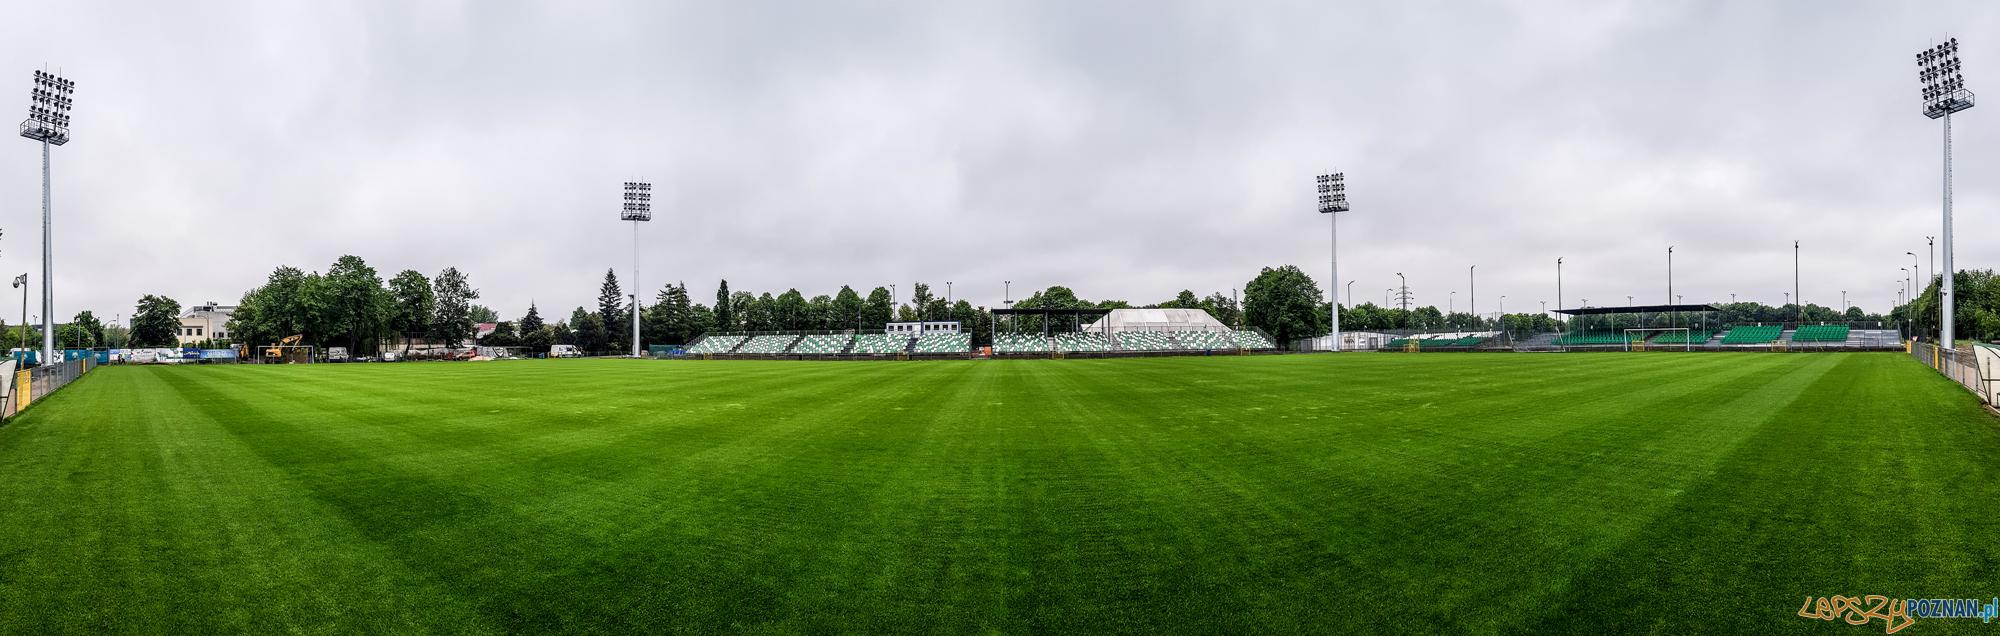 Jupitery na stadionie Warty Poznań  Foto: Piotr Leśniowski / Warta Poznań